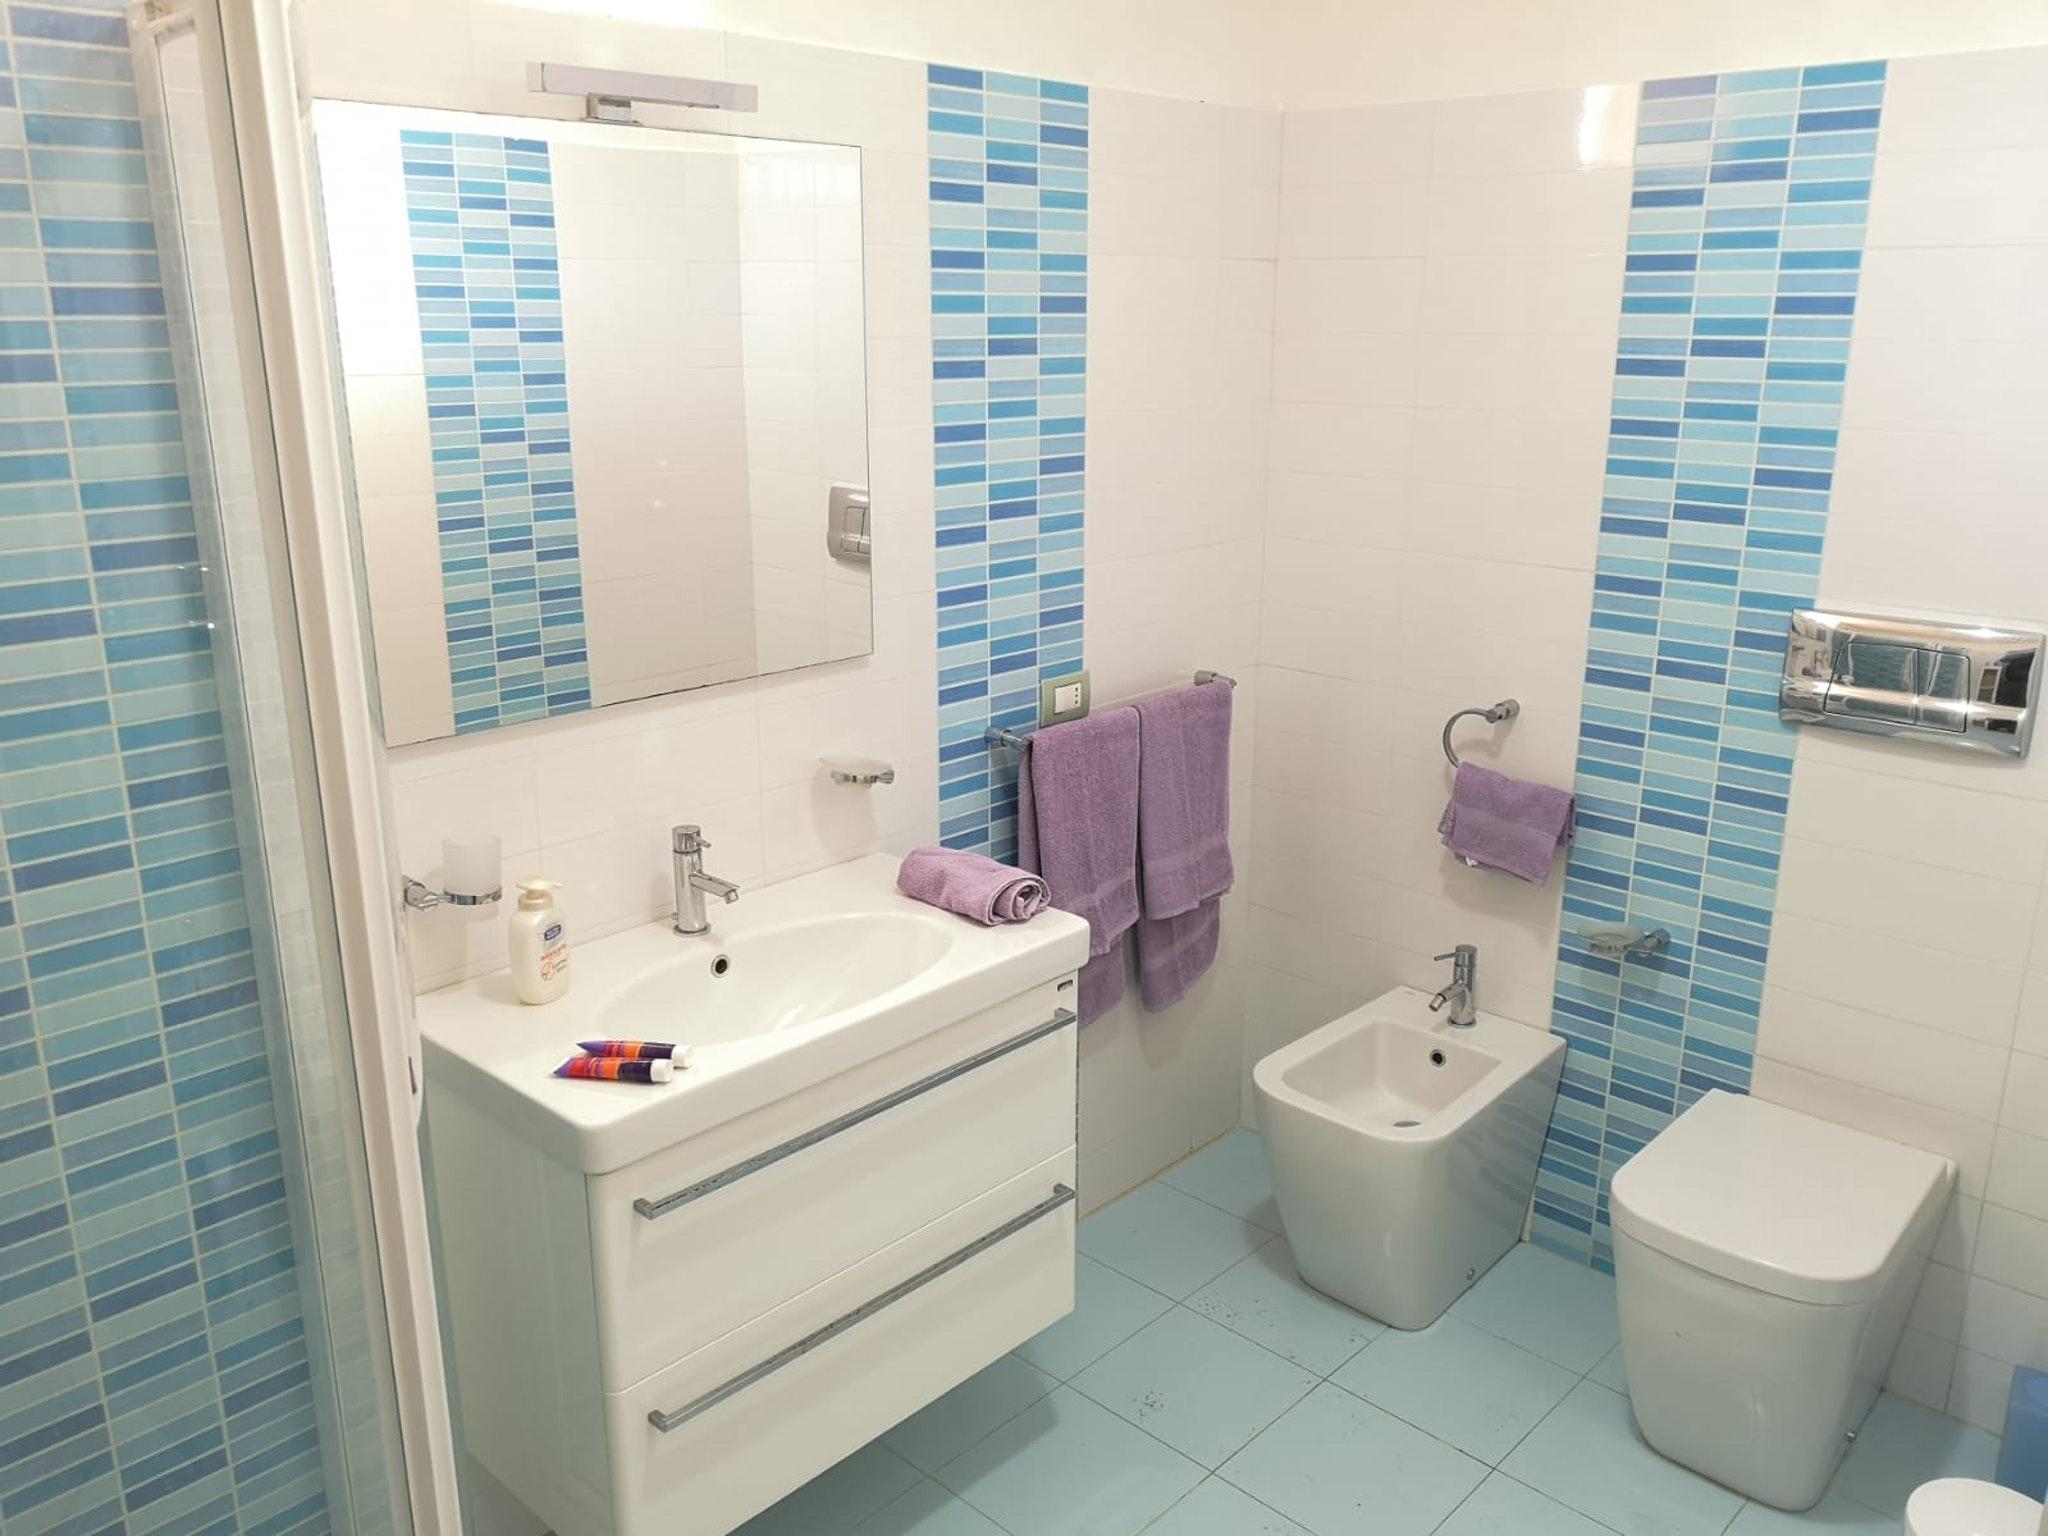 Maison de vacances Villa mit 4 Schlafzimmern in Scicli mit privatem Pool, eingezäuntem Garten und W-LAN - 300 (2617979), Scicli, Ragusa, Sicile, Italie, image 14